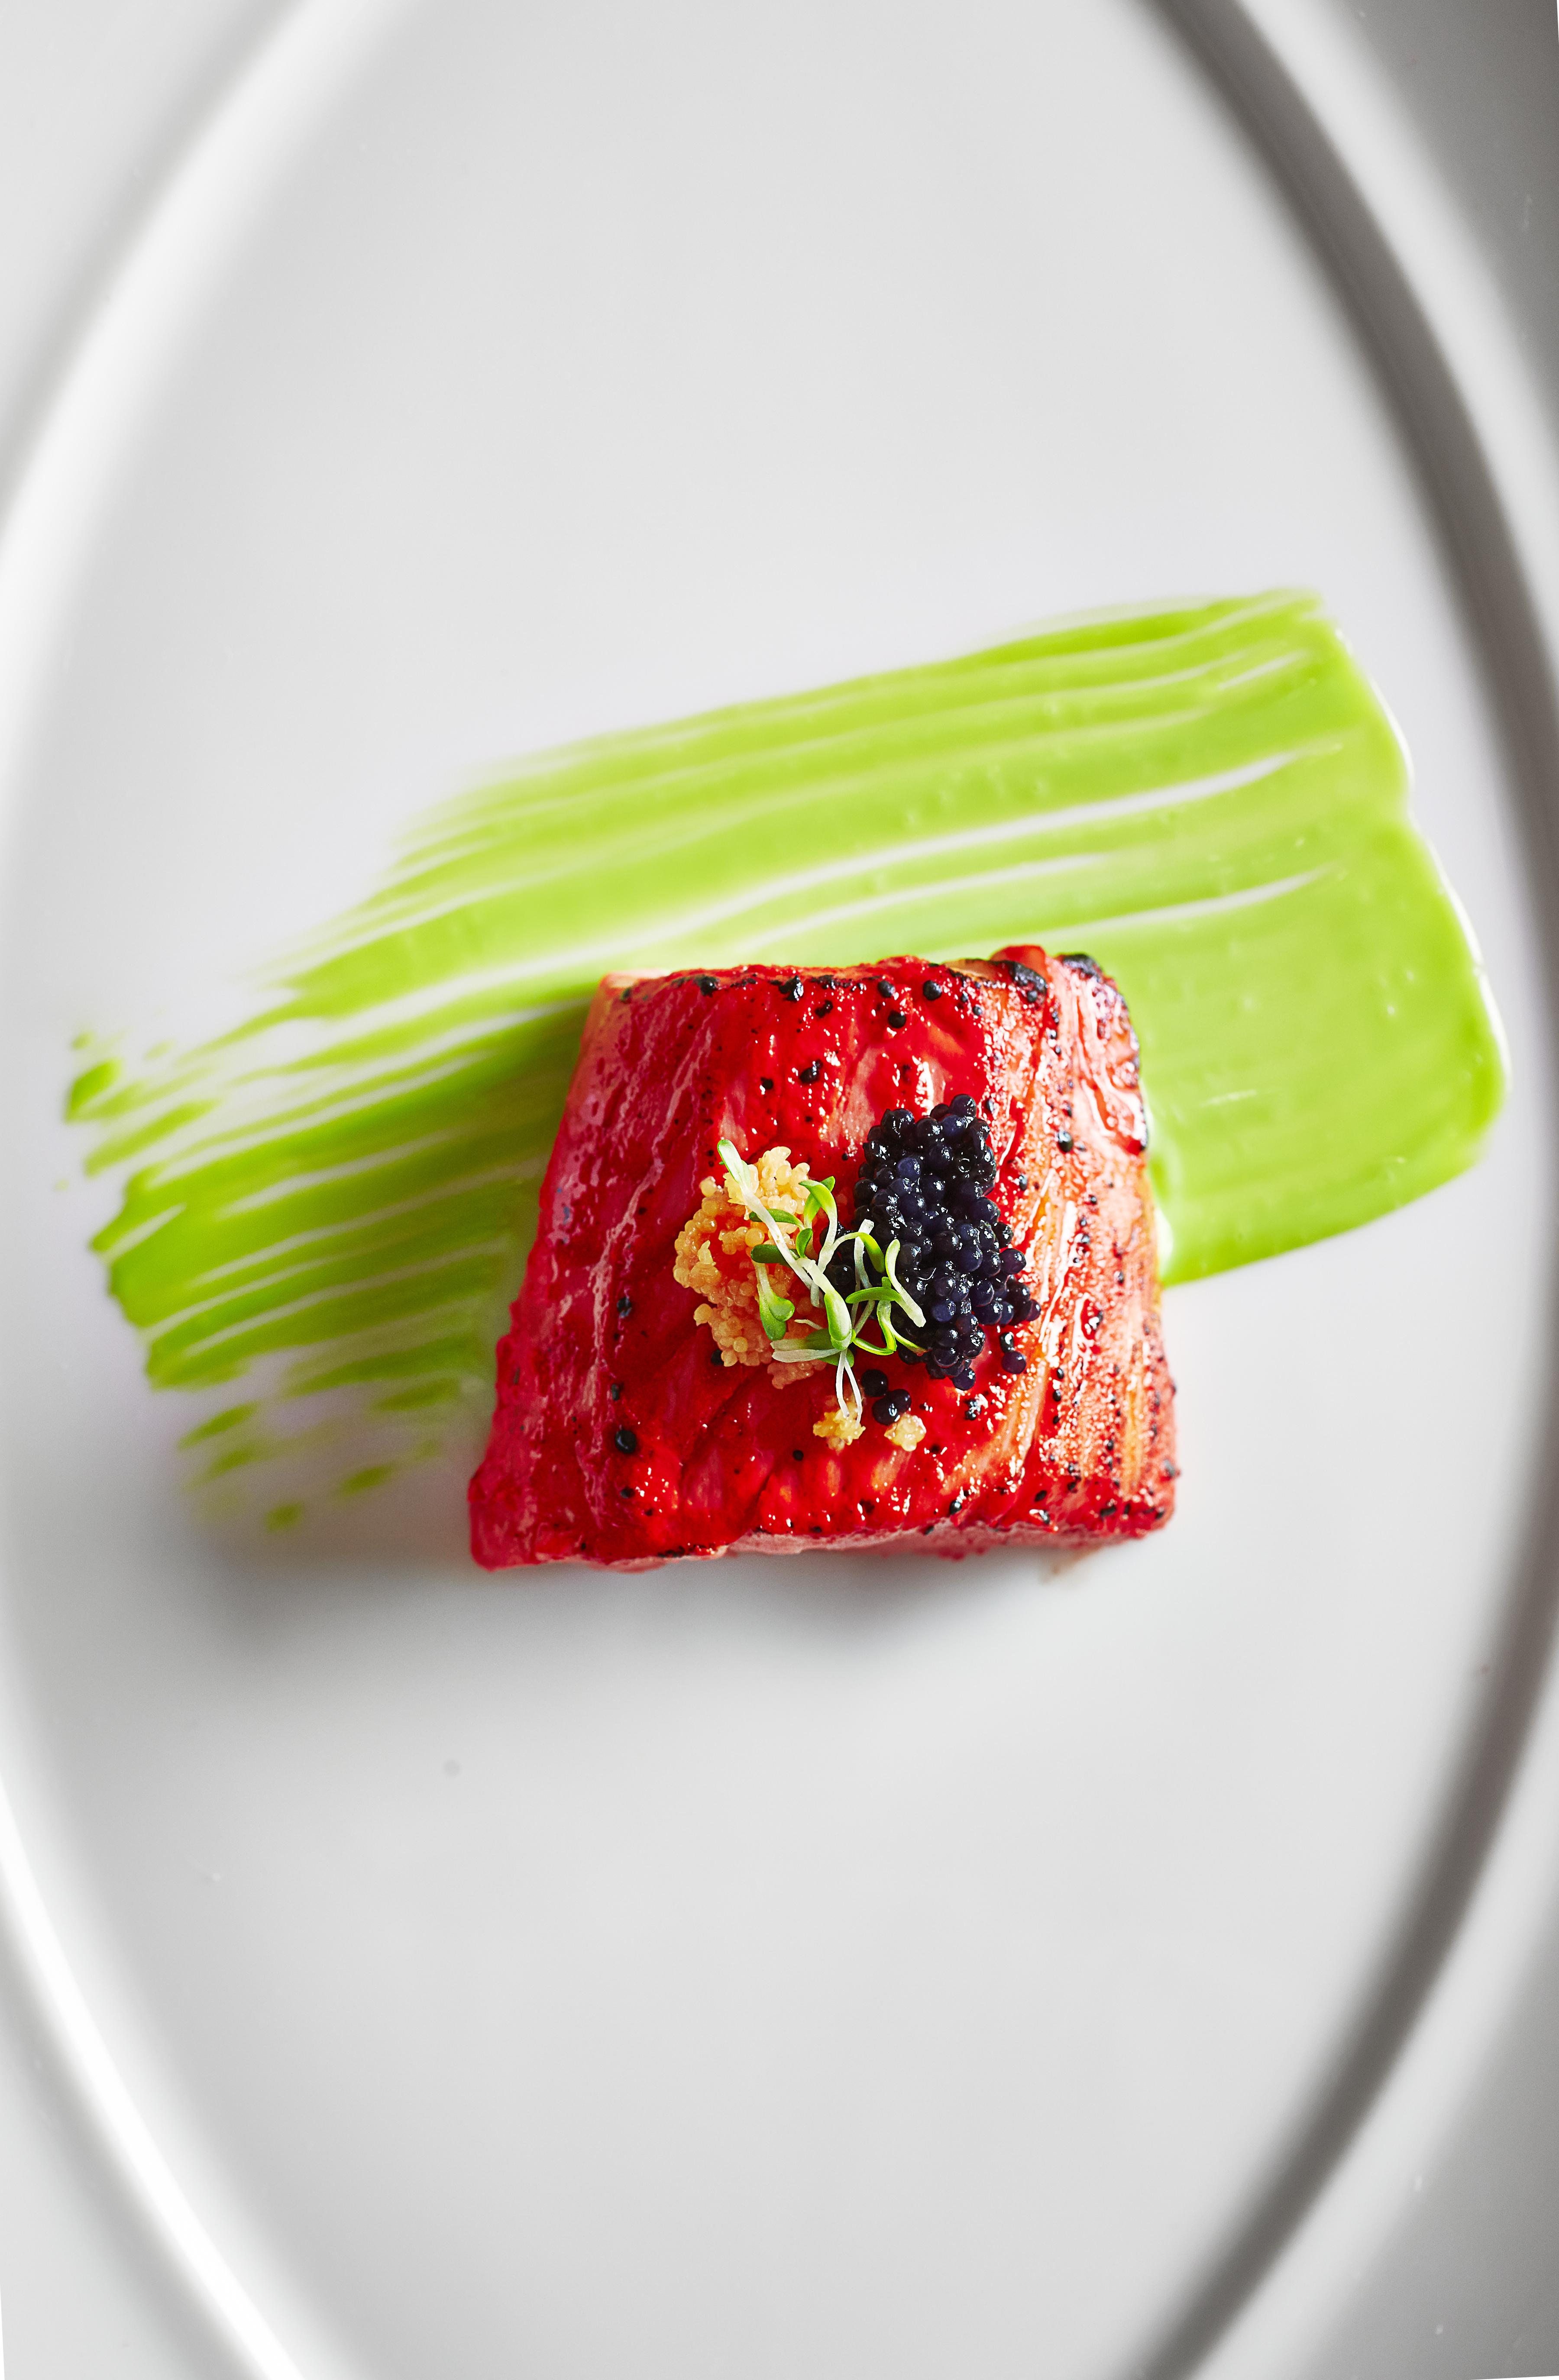 Tandoori Marinated Salmon in Sambal and Fresh Pomegranate